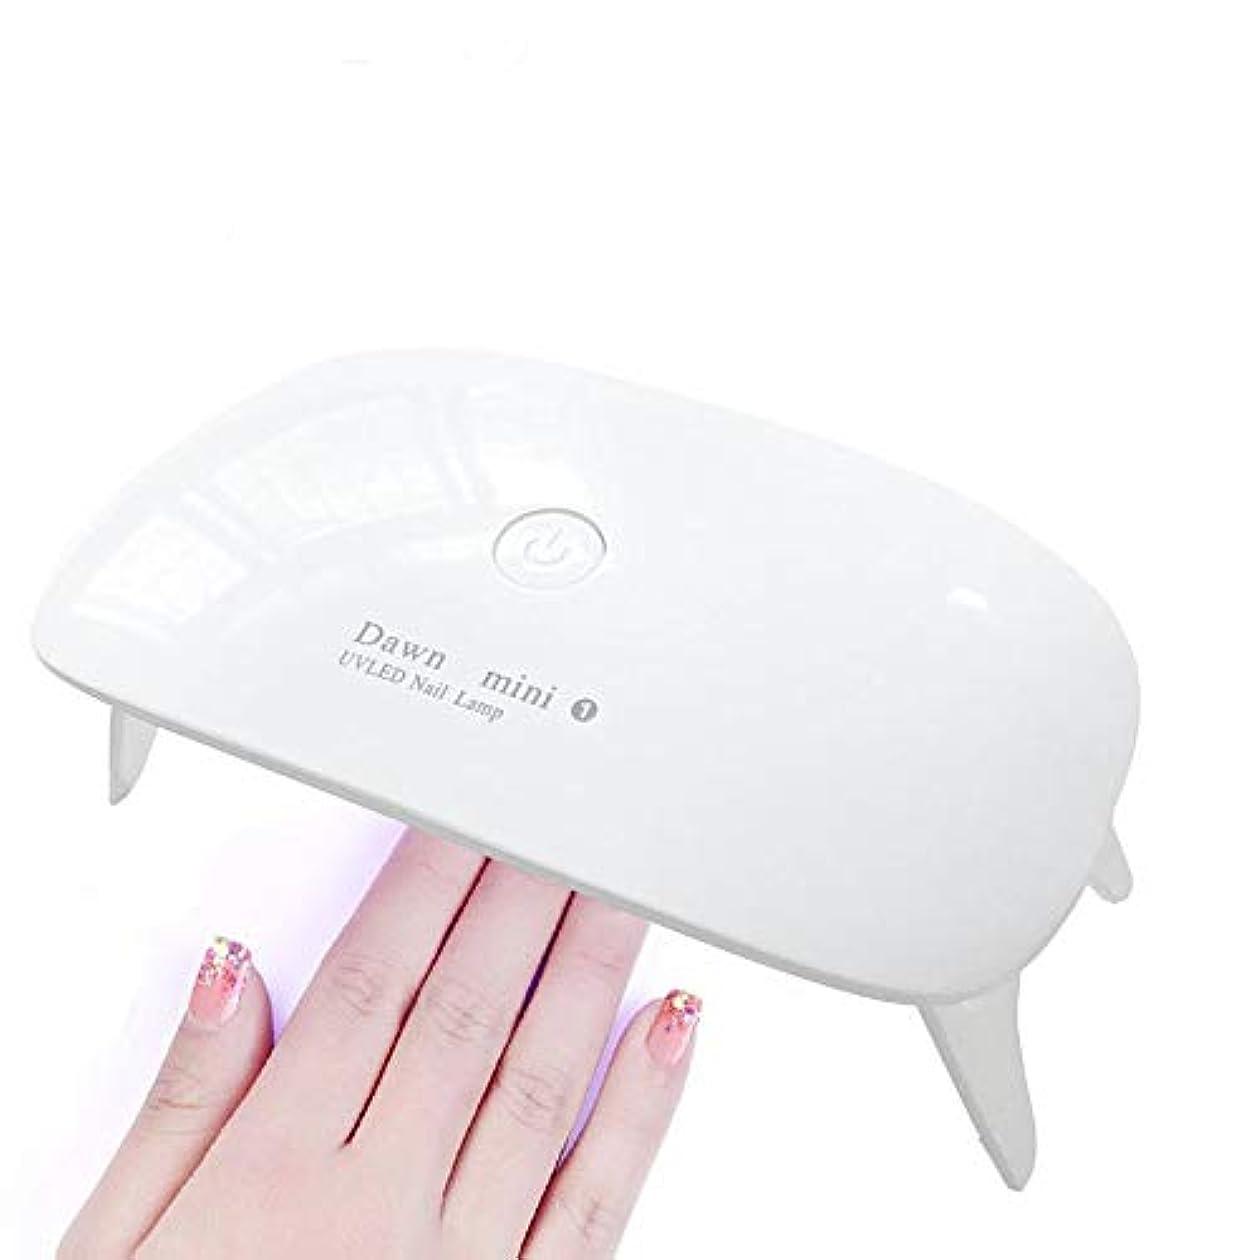 プリーツ免除する平等LEDネイルドライヤー UVライト レジン用 硬化ライト タイマー設定可能 折りたたみ式手足とも使える UV と LEDダブルライト ジェルネイル と レジンクラフト用